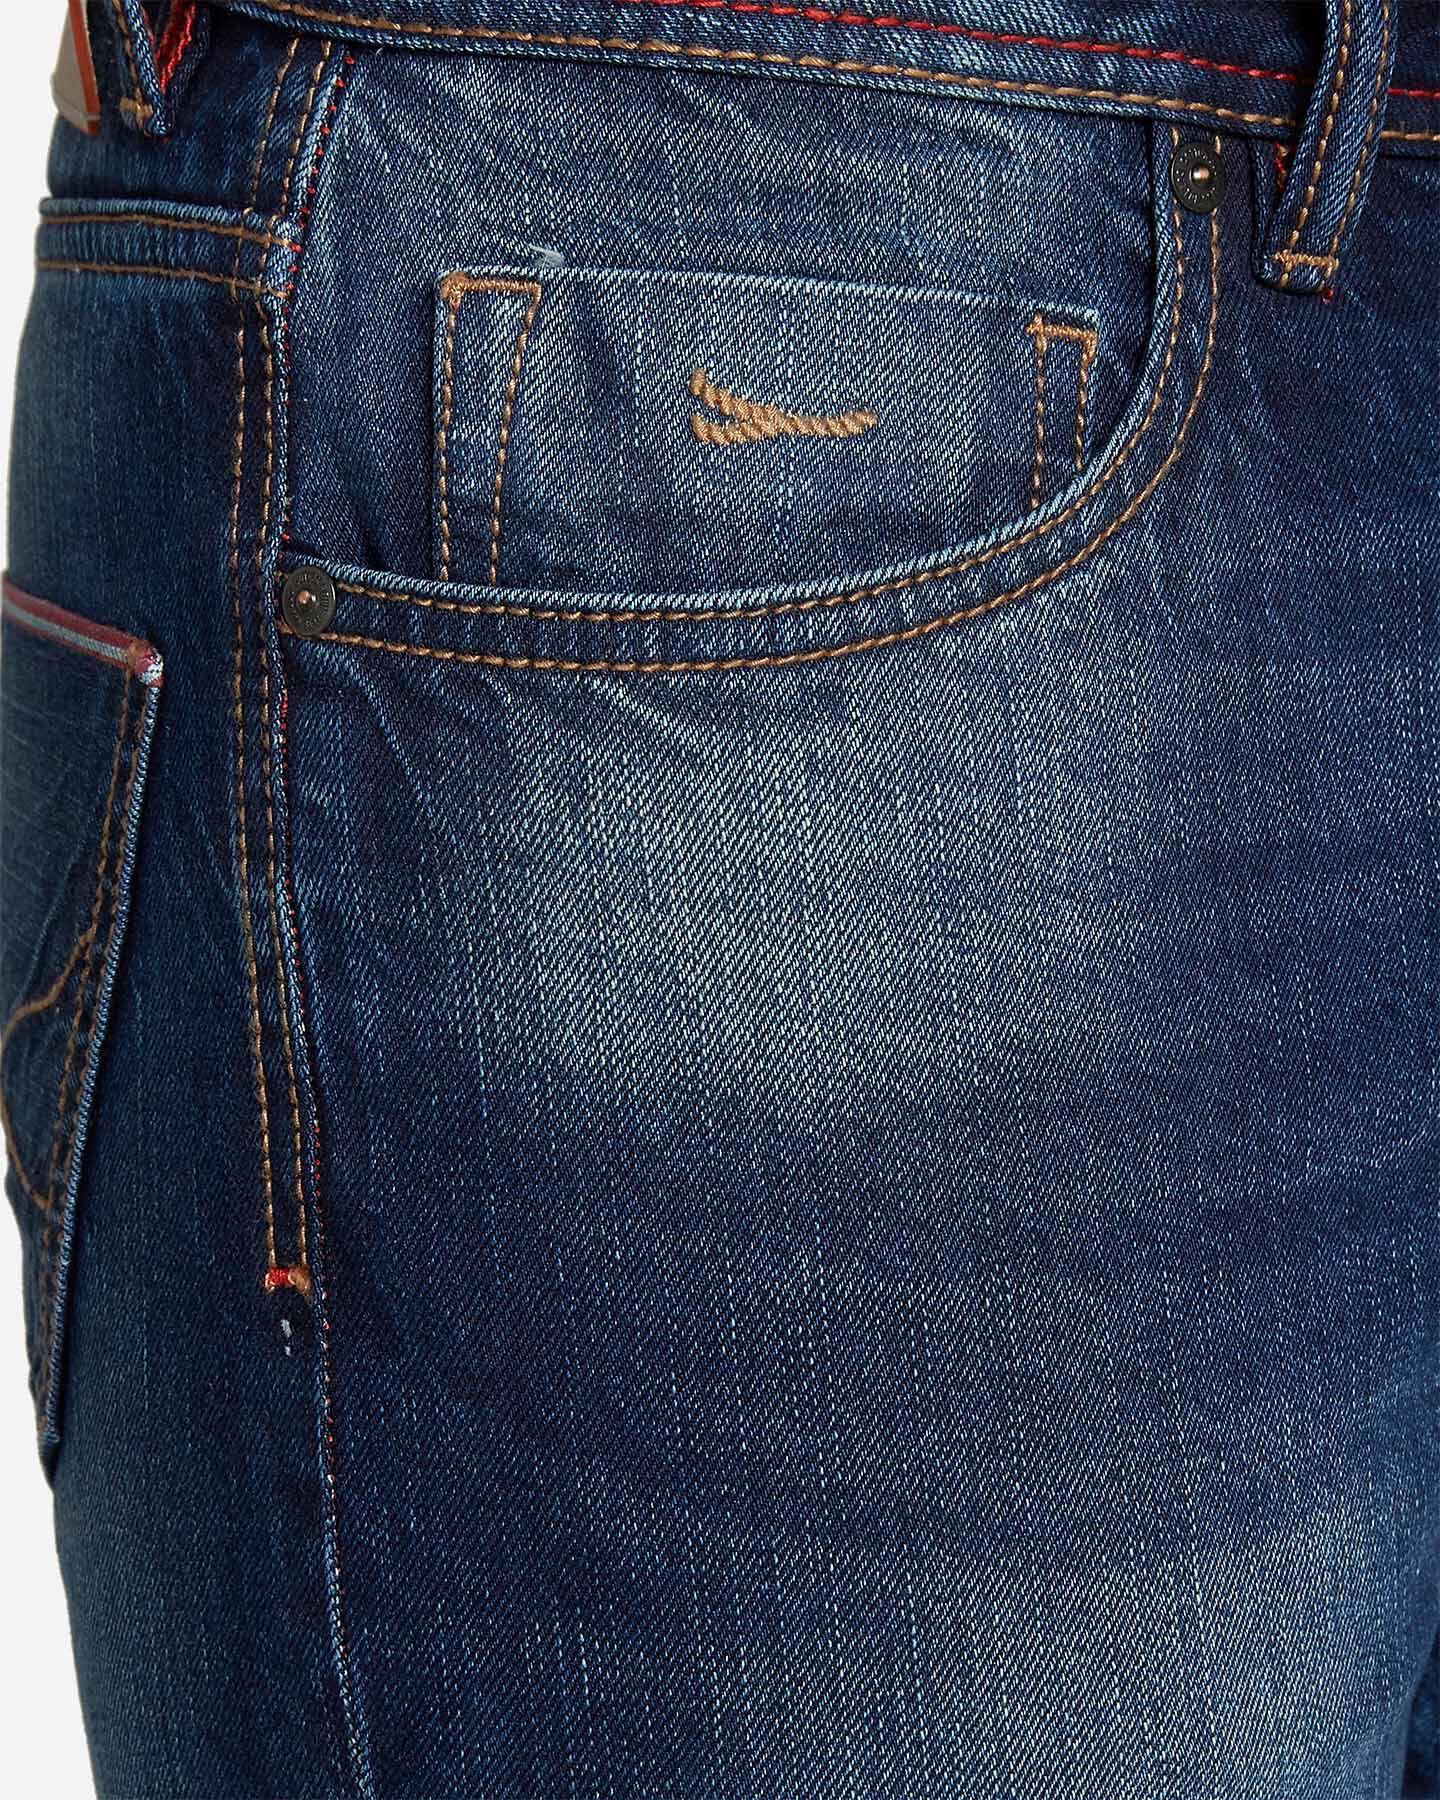 Jeans COTTON BELT WALDO MODERN REGULAR M S4070903 scatto 3